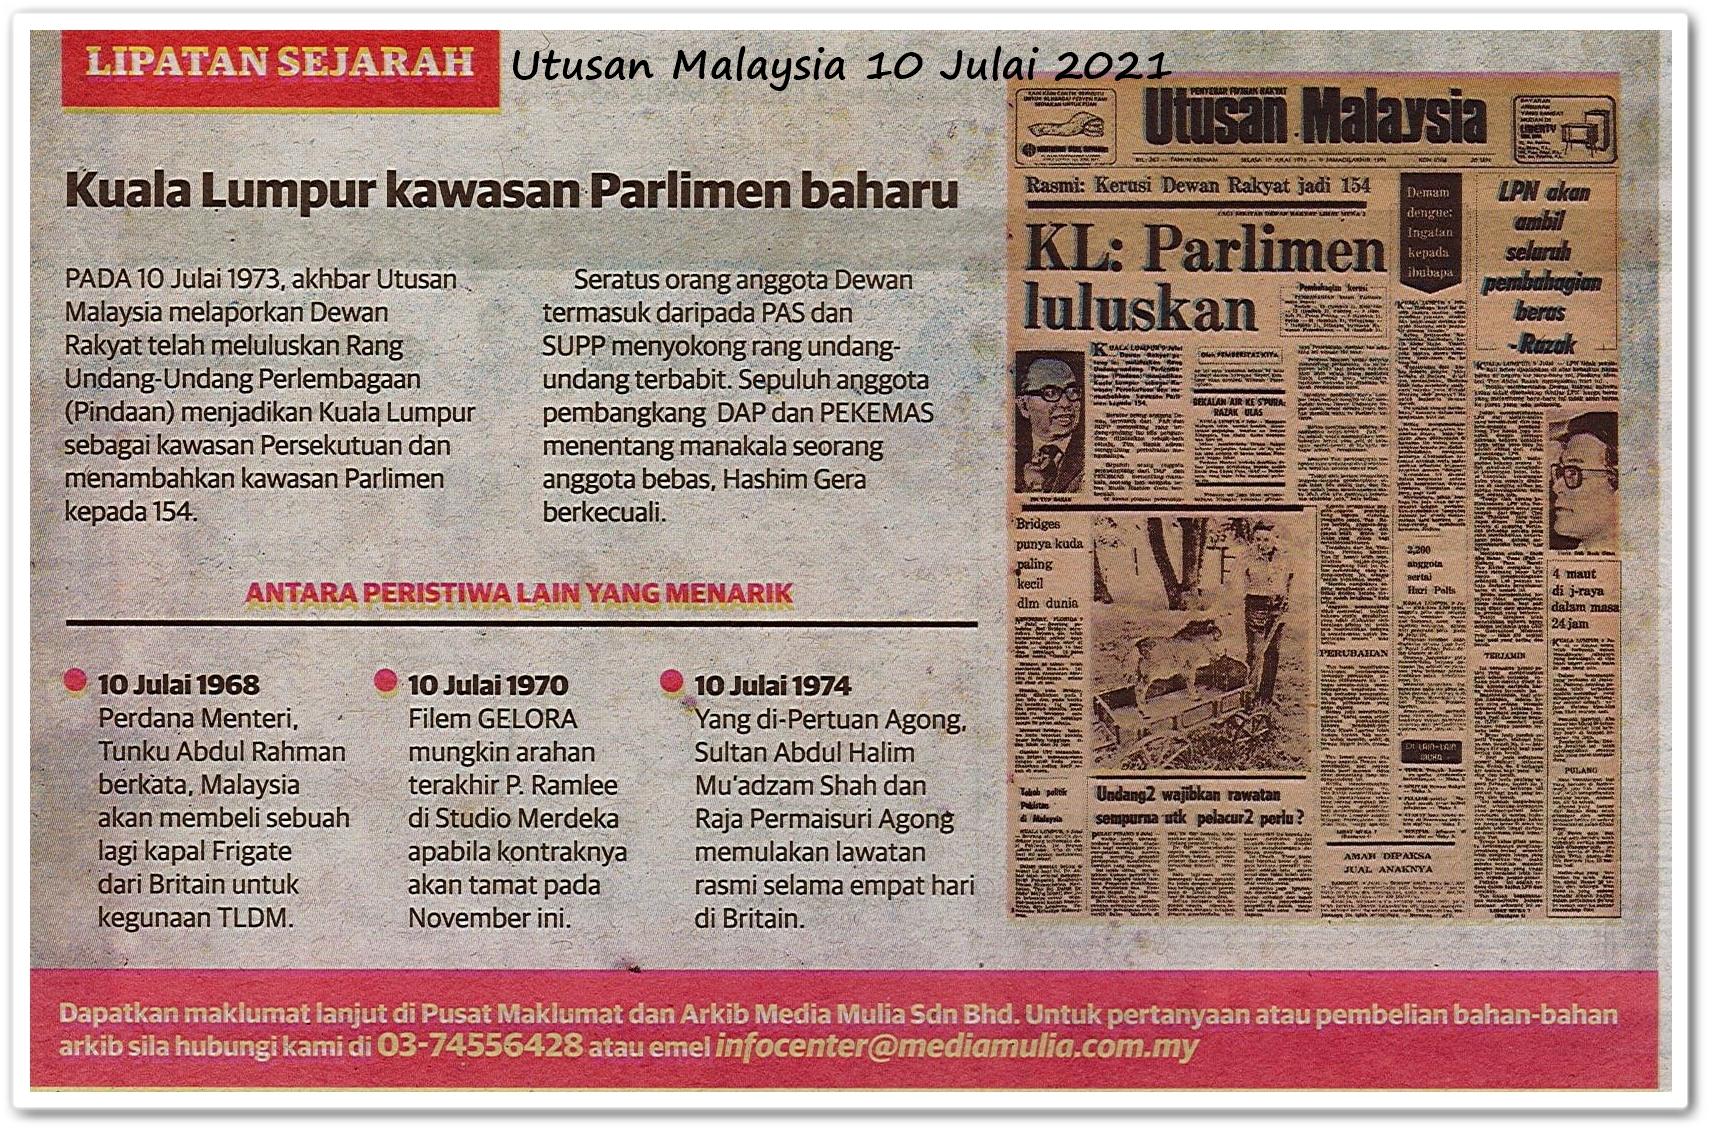 Lipatan sejarah 10 Julai - Keratan akhbar Utusan Malaysia 10 Julai 2021